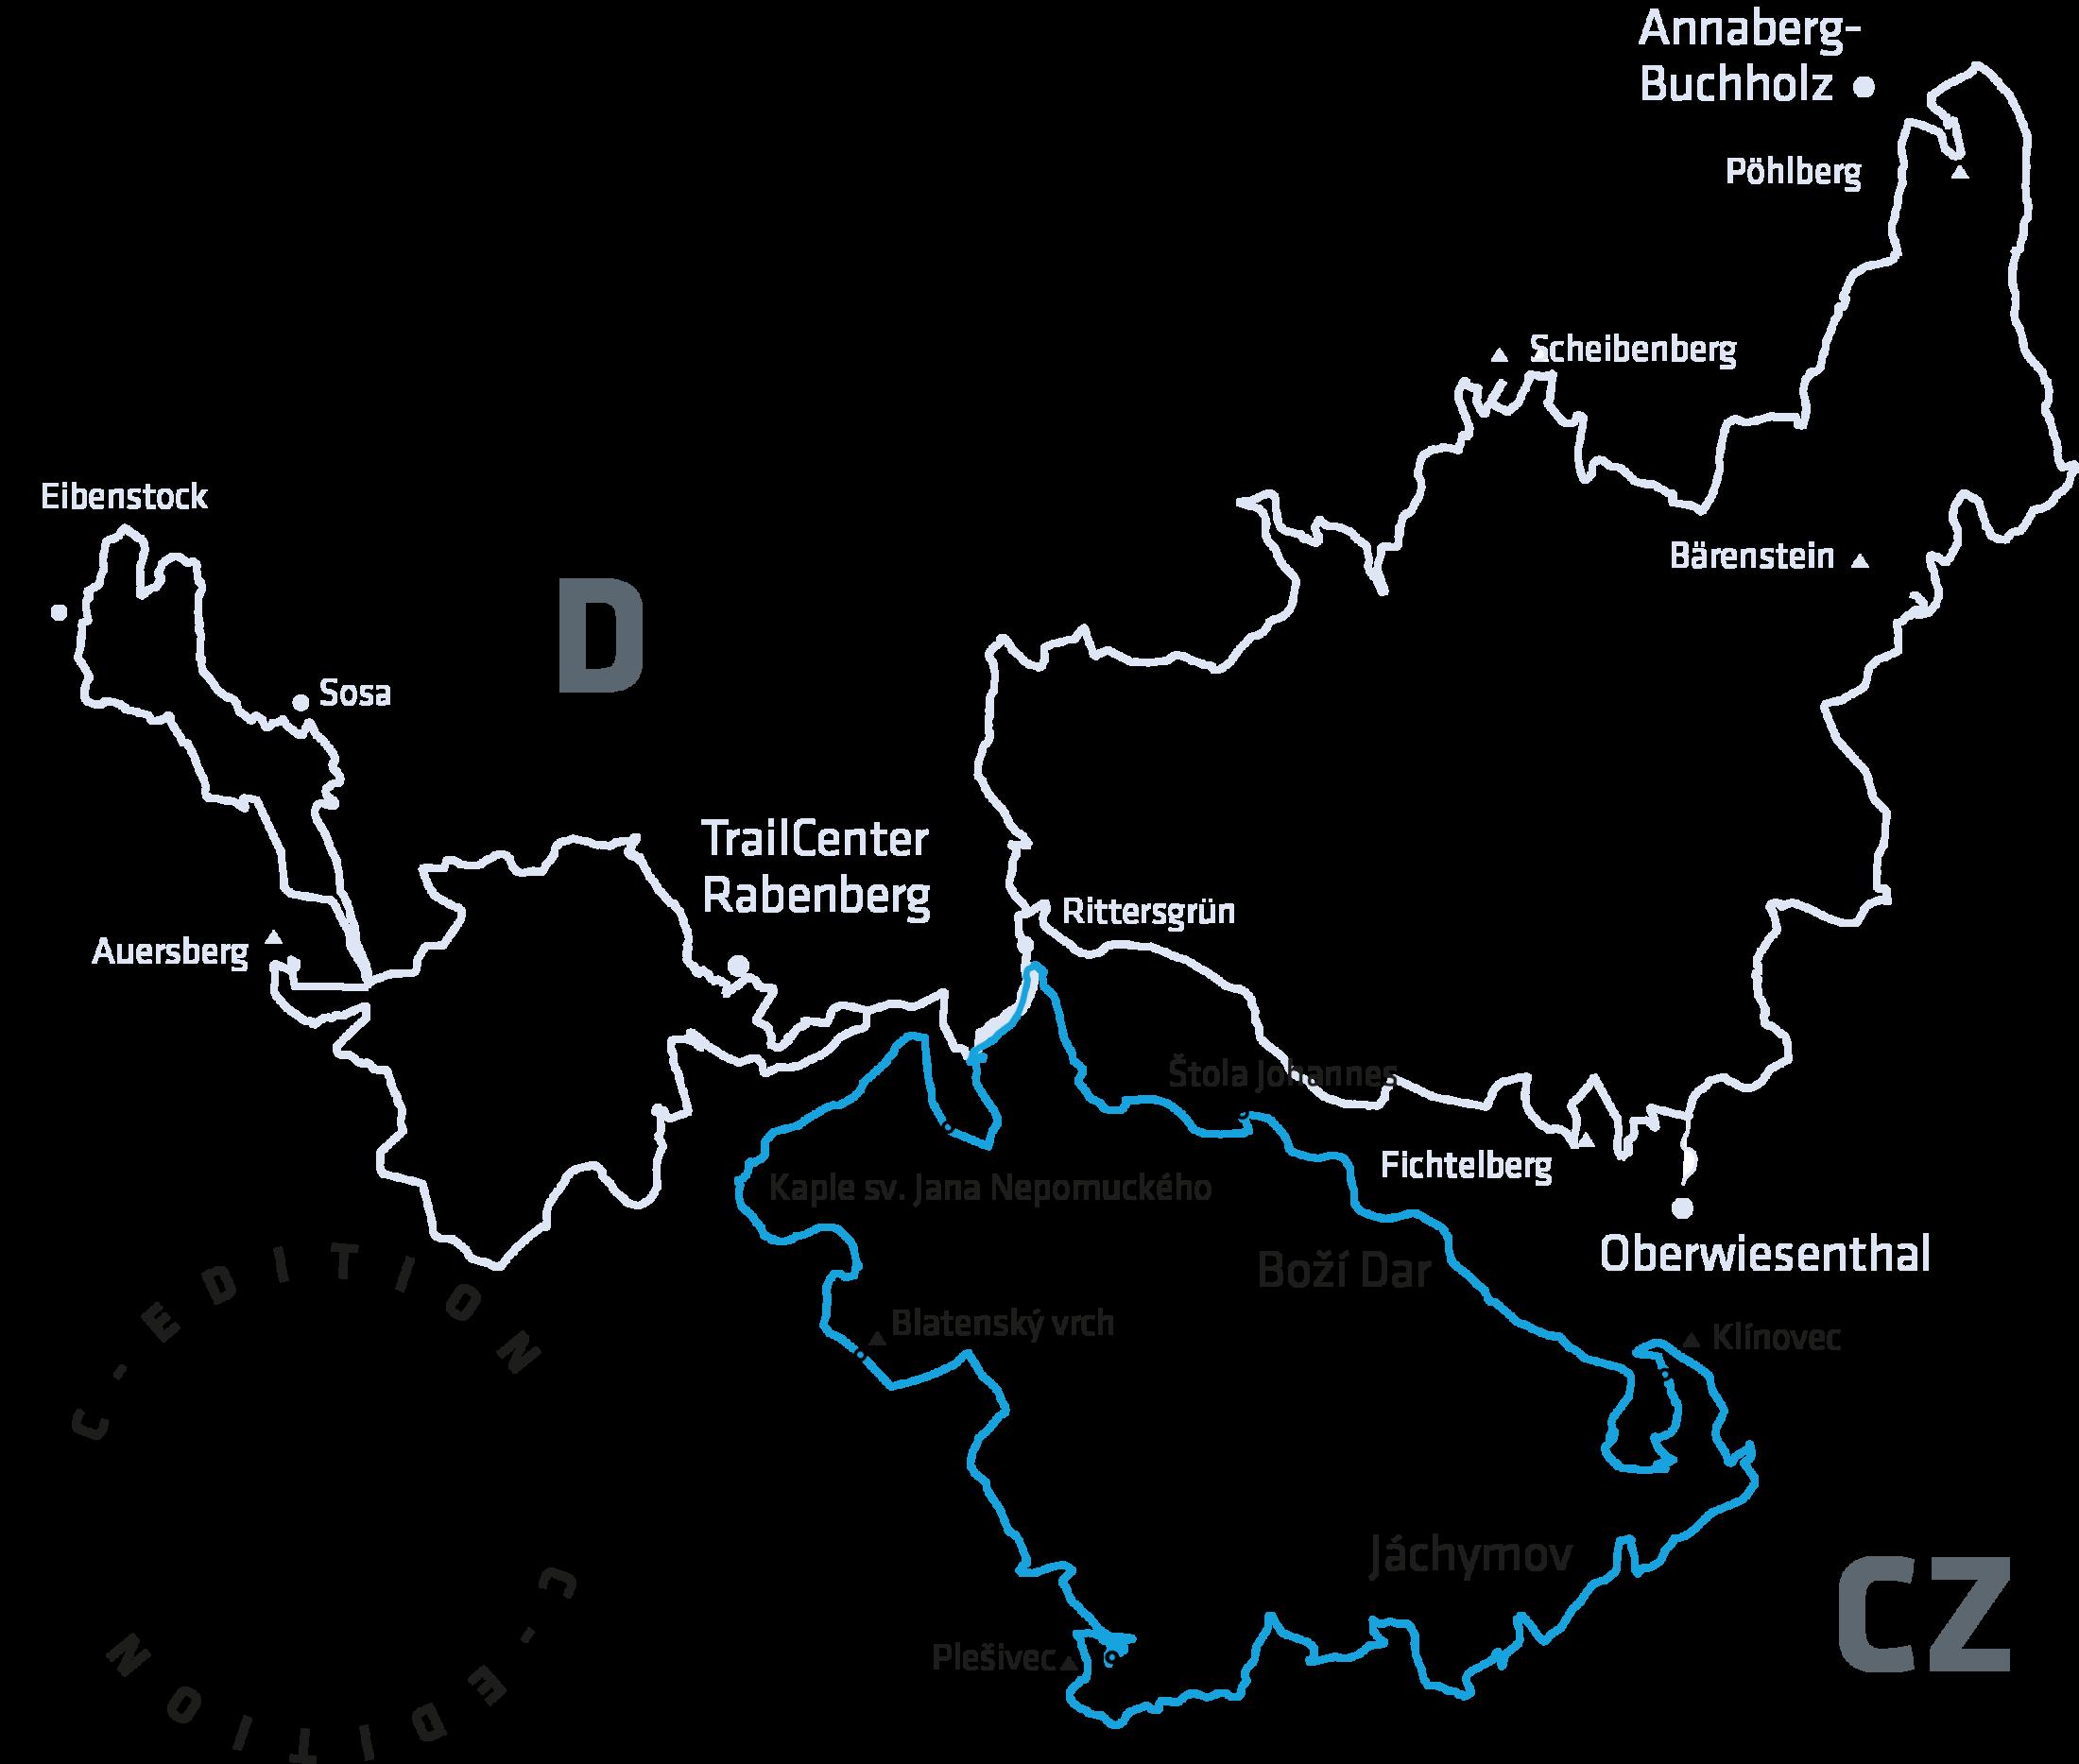 70 km und 2.000 Höhenmeter auf dem CZ-Loop des Stoneman Miriquidi Mountainbike im Erzgebirge.